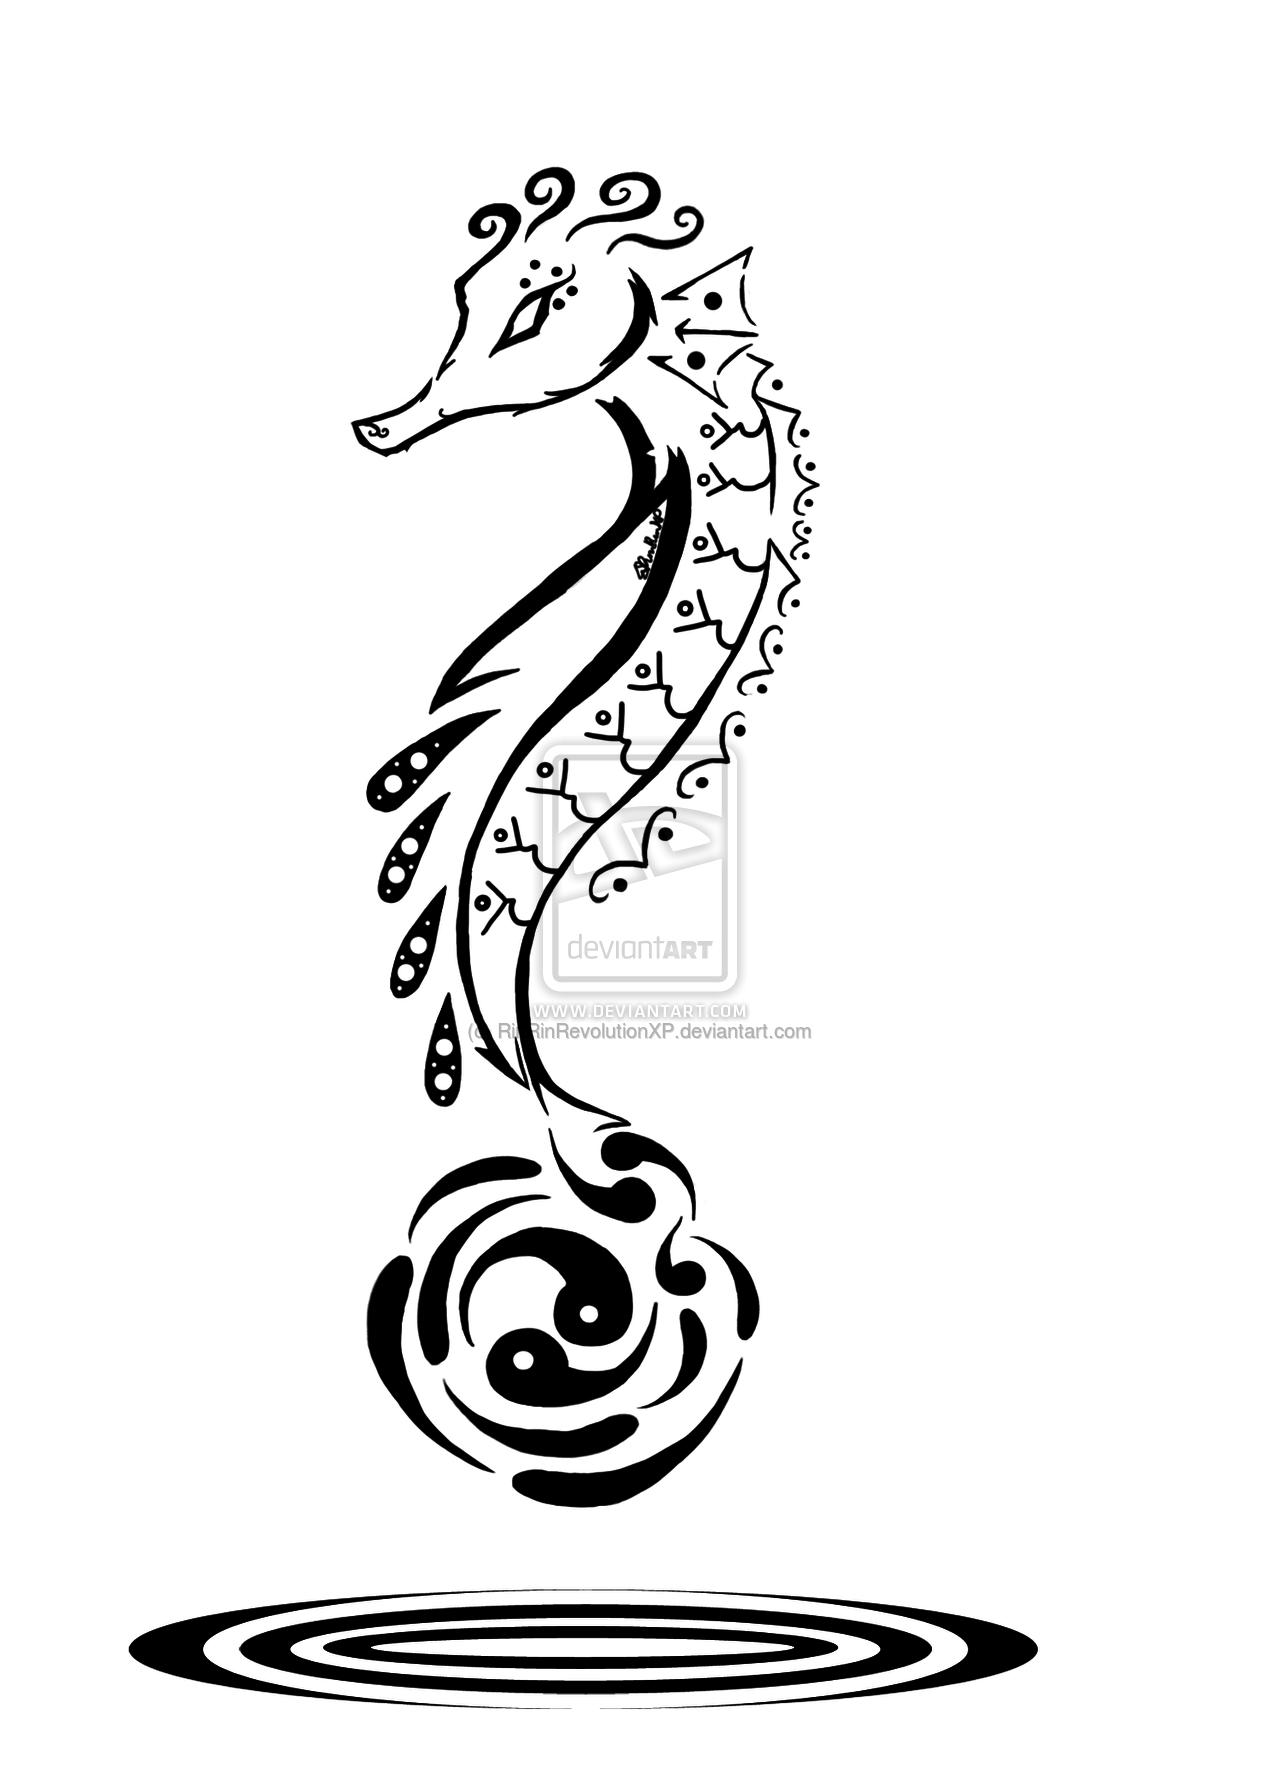 seahorse art - Google Search | caballitos de mar | Pinterest ...